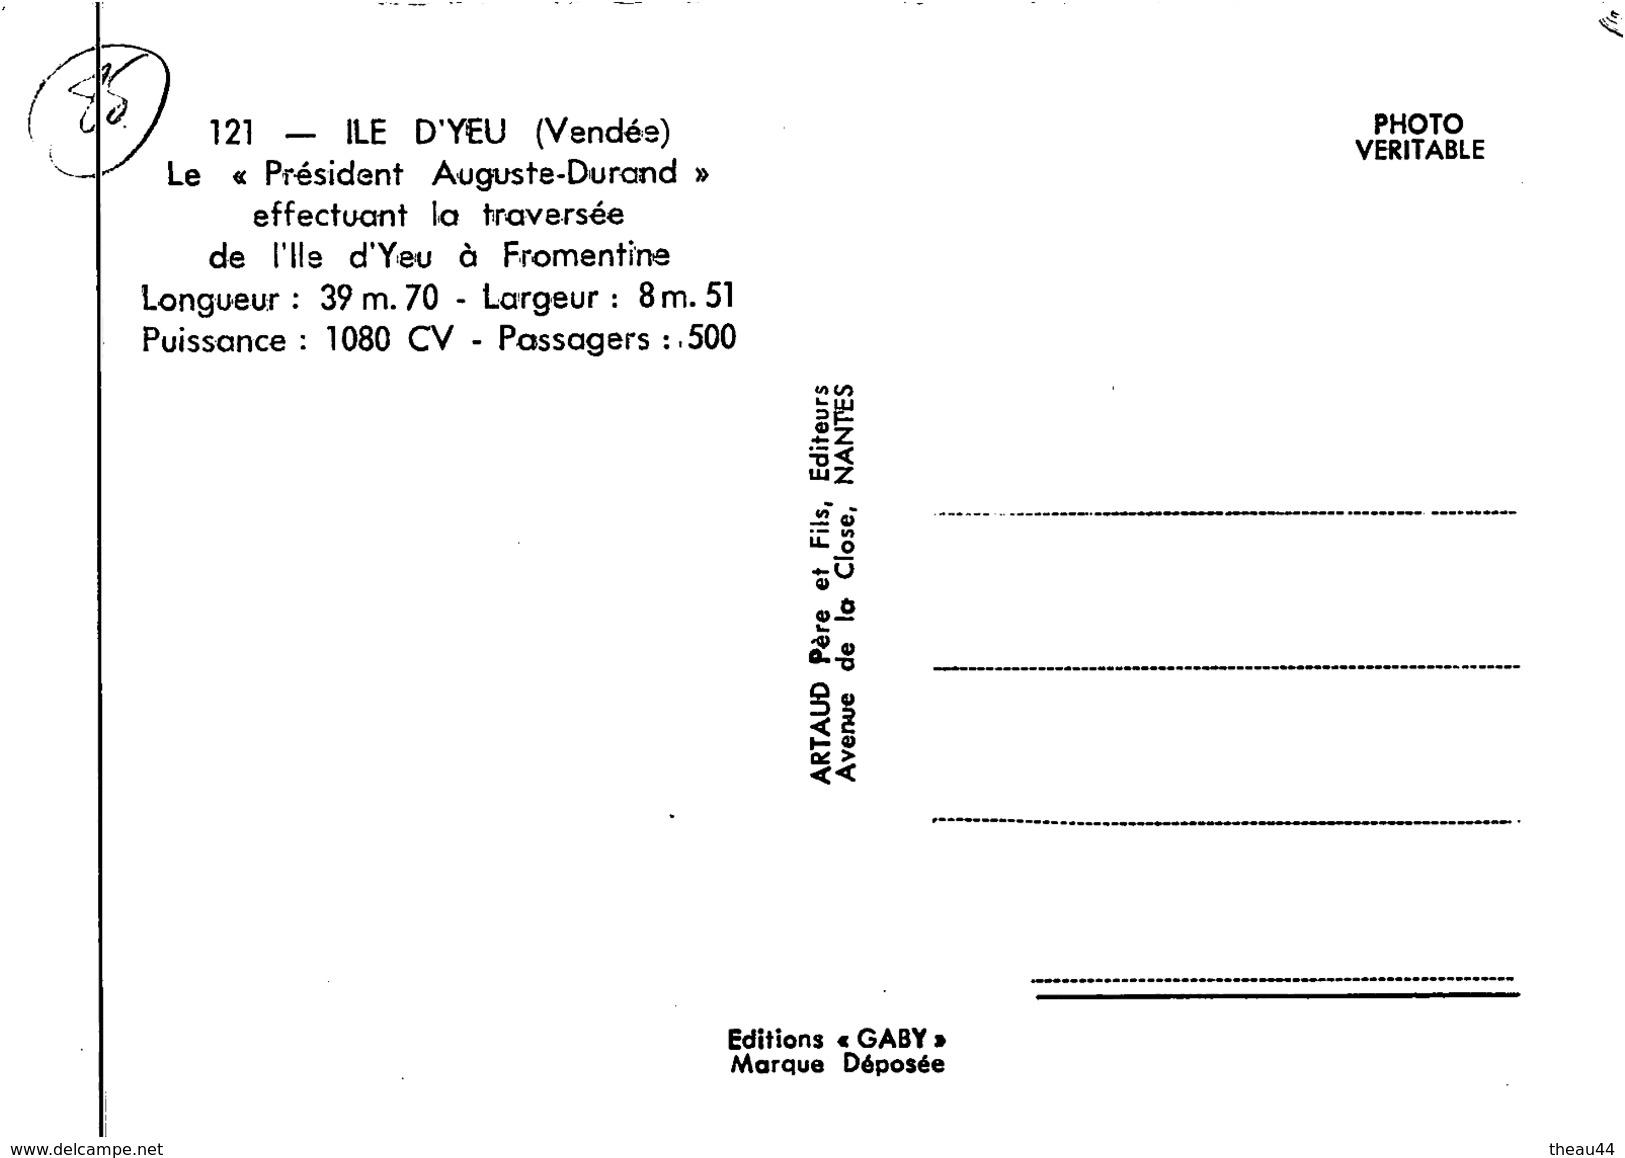 """¤¤  - 121   -  ILE D'YEU  -  Le Bateau """" Président Auguste-Durand """" Effectuant La Traversée   -  ¤¤ - Ile D'Yeu"""